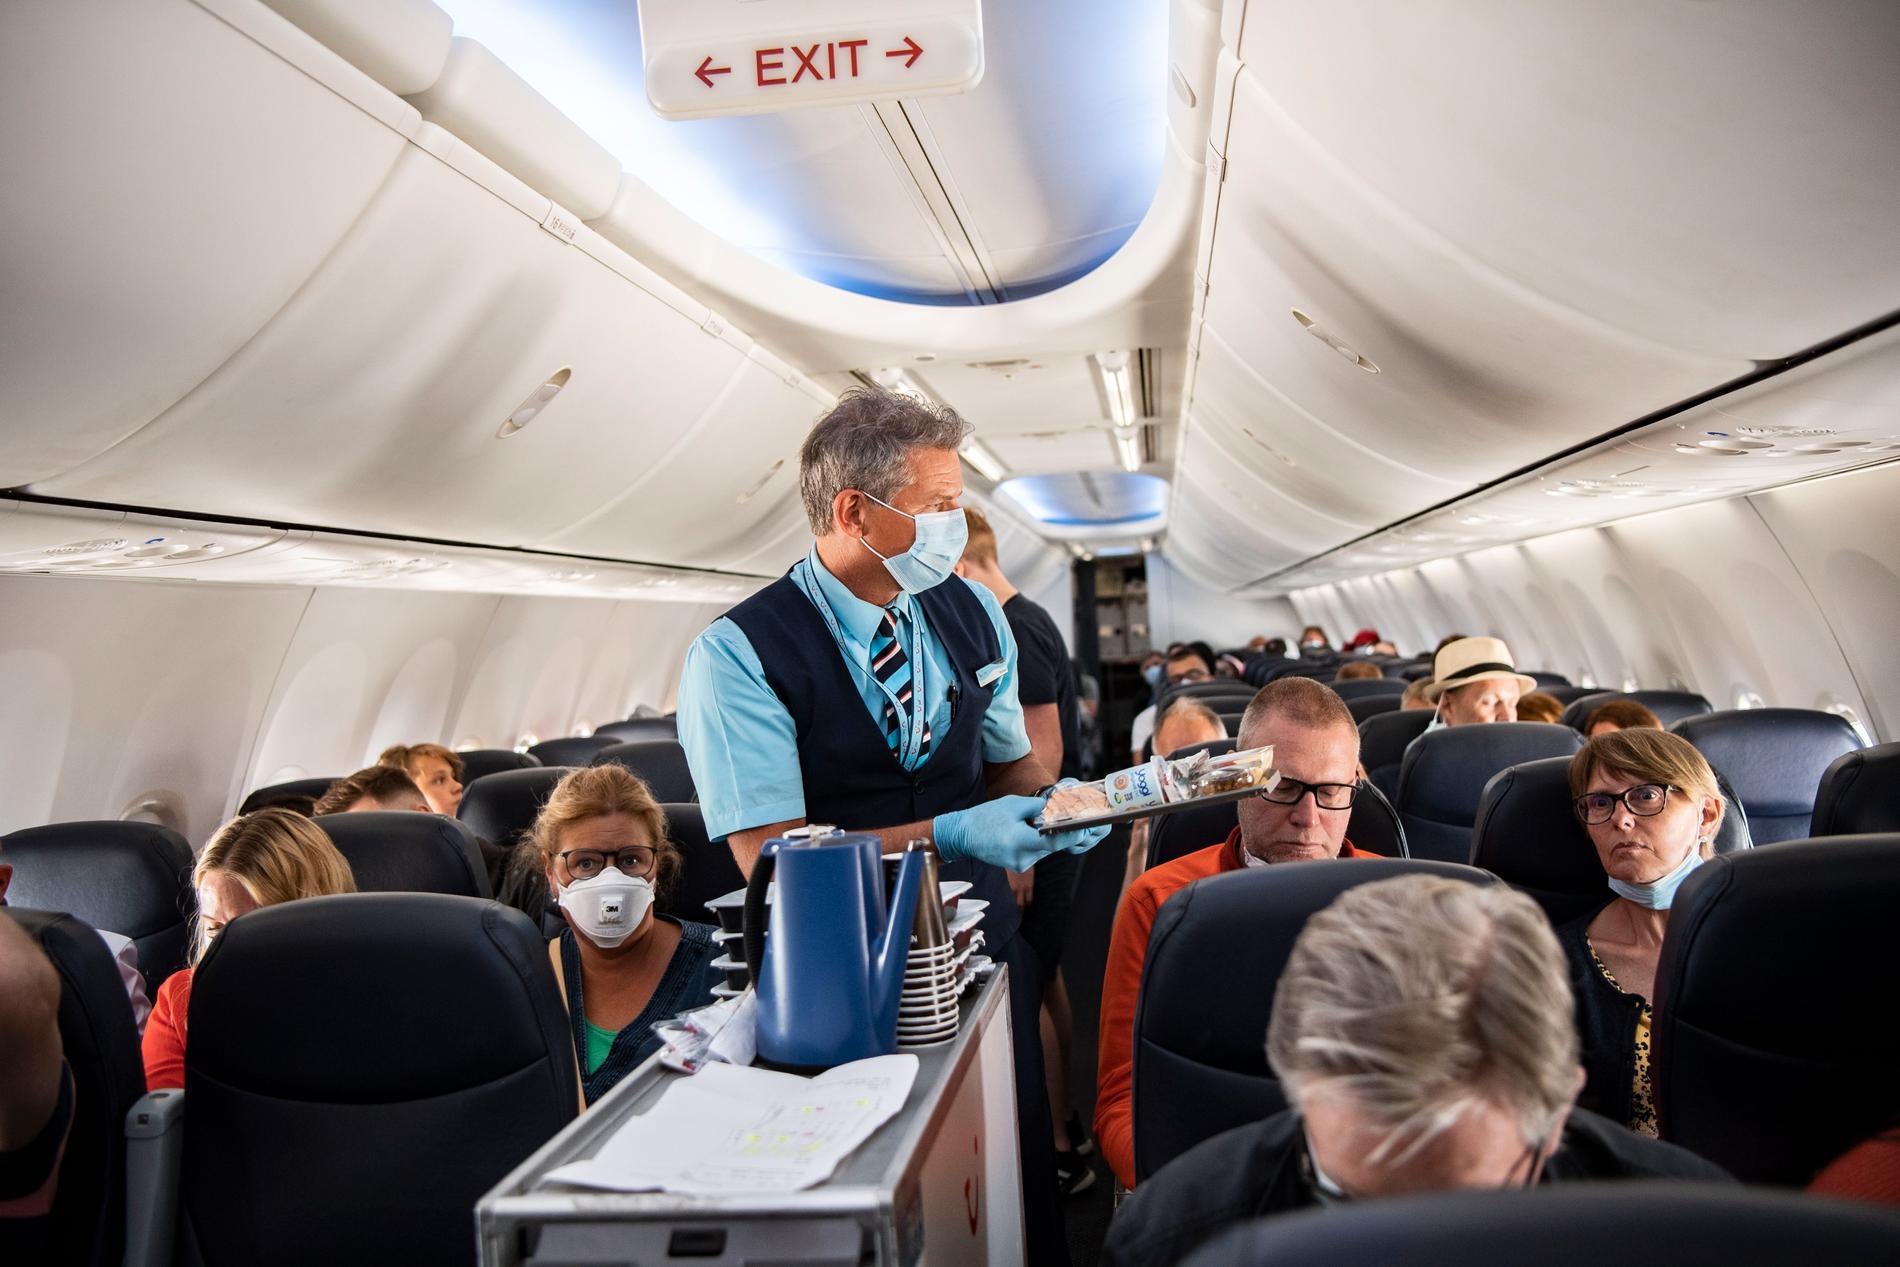 Men enligt grekiska medier ska resejätten ha bluffat sig till landningstillstånd. Flera grekiska medier rapporterar bland annat om att Tui ljugit om resenärerna på charterplanen.